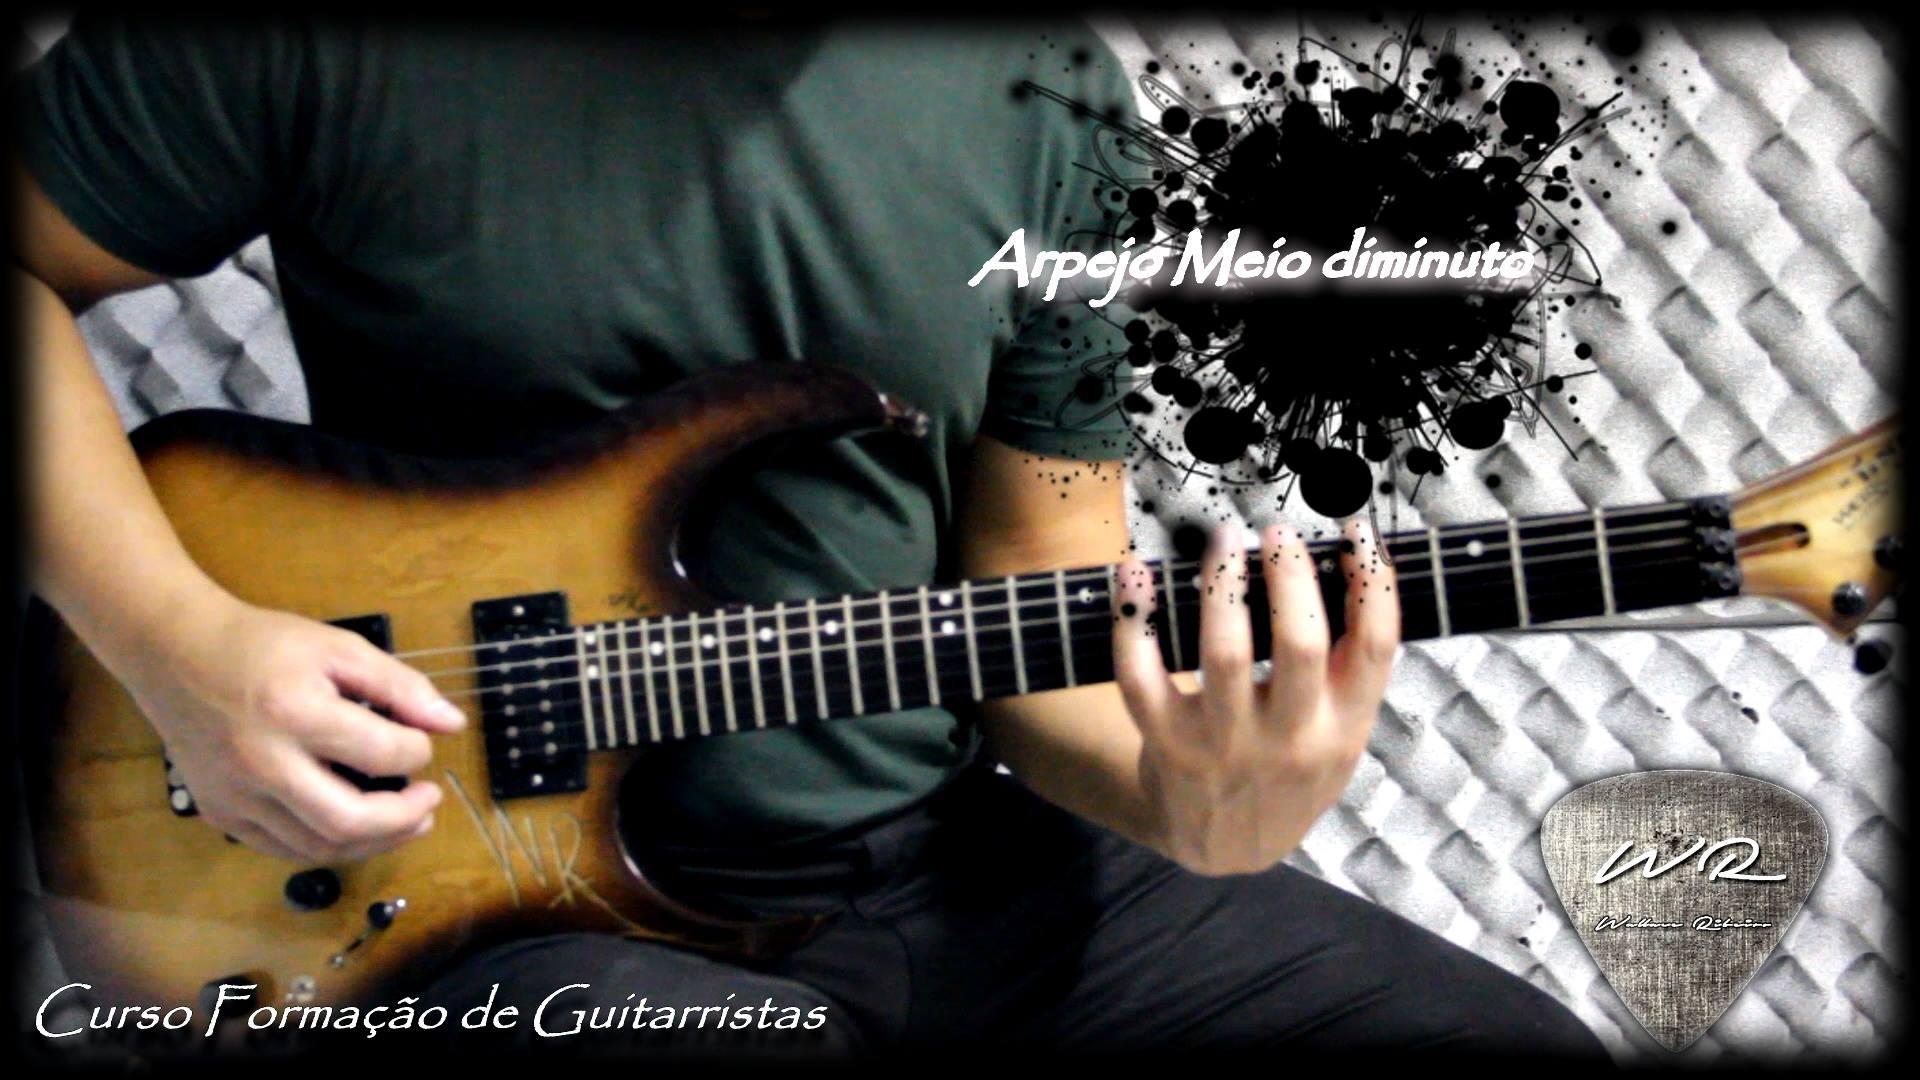 Curso Formação para guitarristas - 5